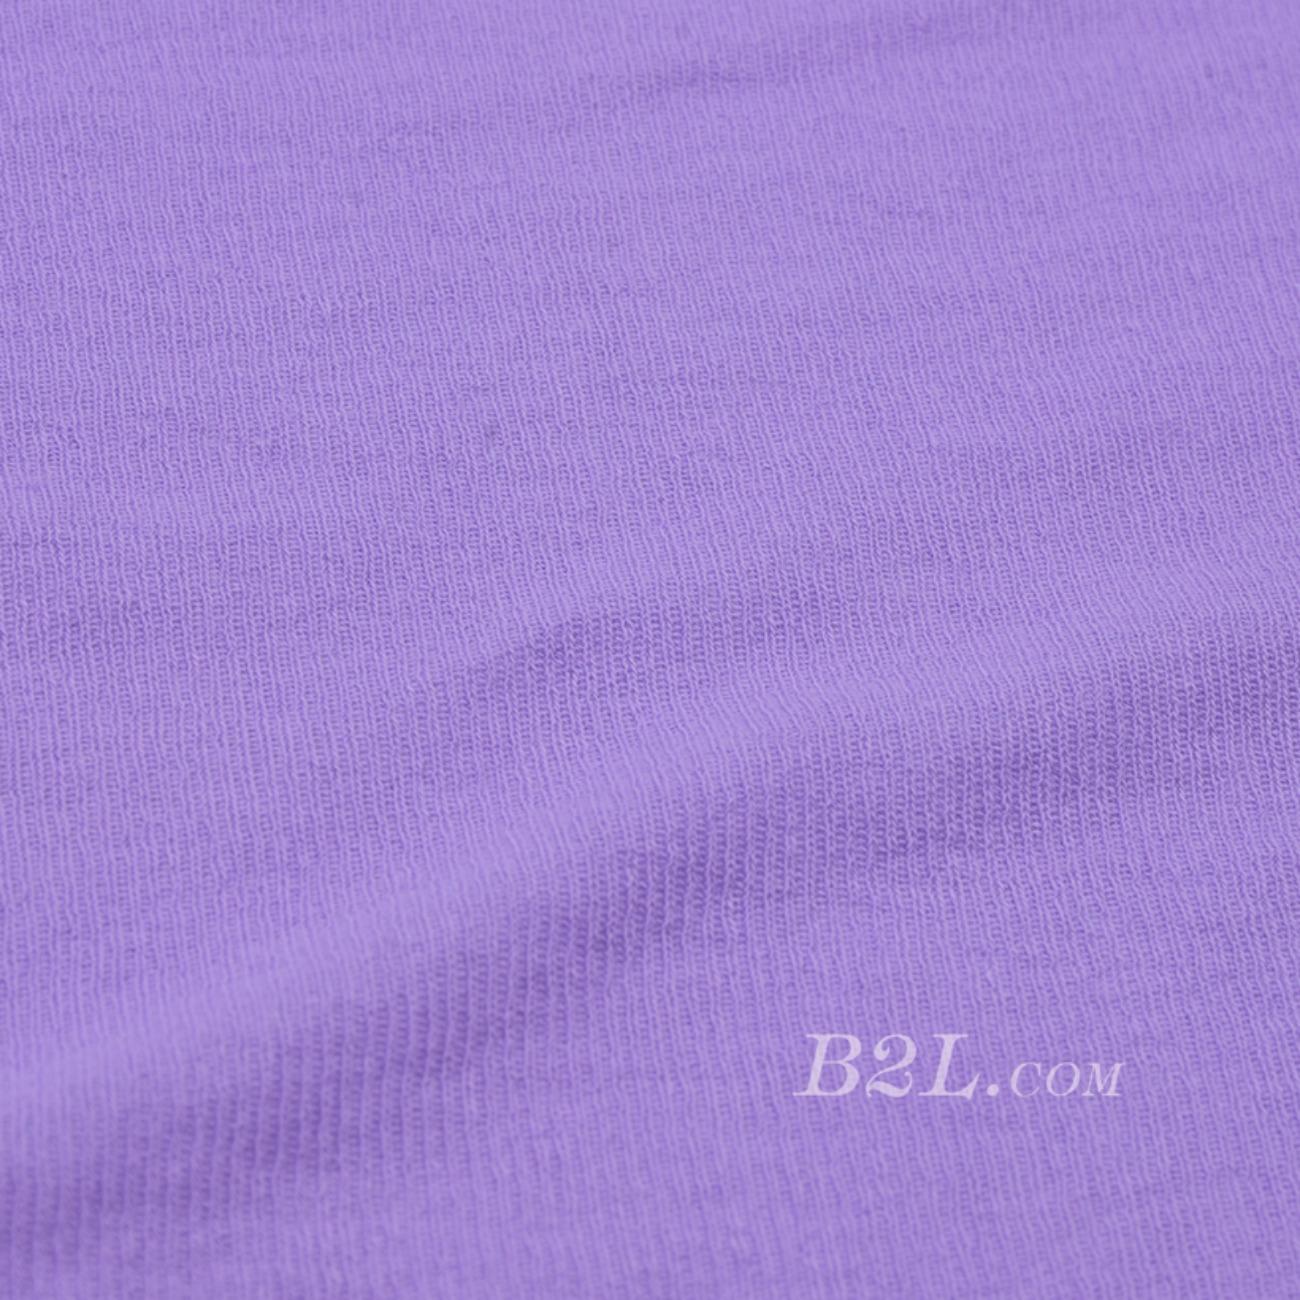 素色 针织 麻料 染色 弹力 春秋 T恤 外套 裤装 男装 女装 80518-25